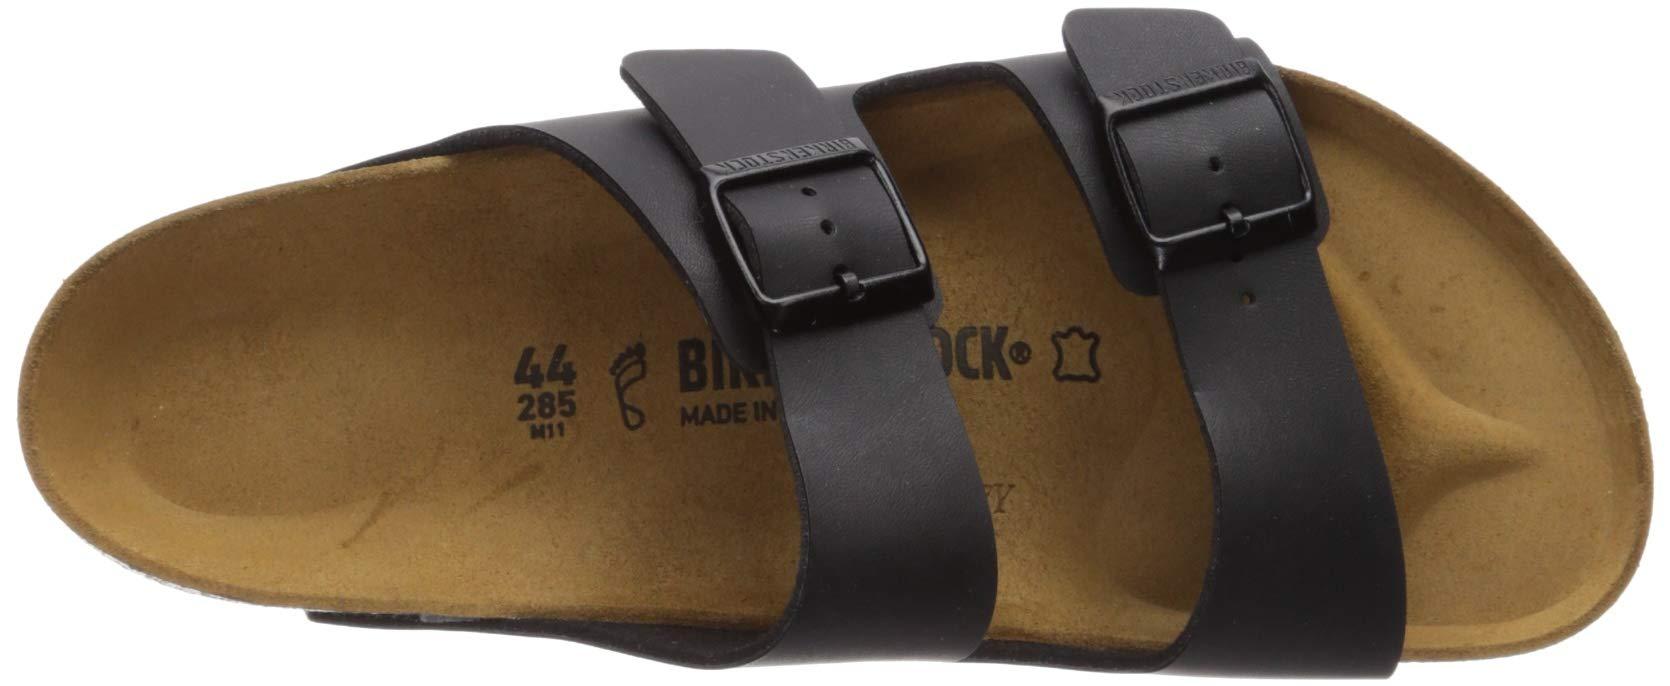 Birkenstock Unisex Arizona Black Birko-flor Sandals - 11-11.5 B(M) US Men by Birkenstock